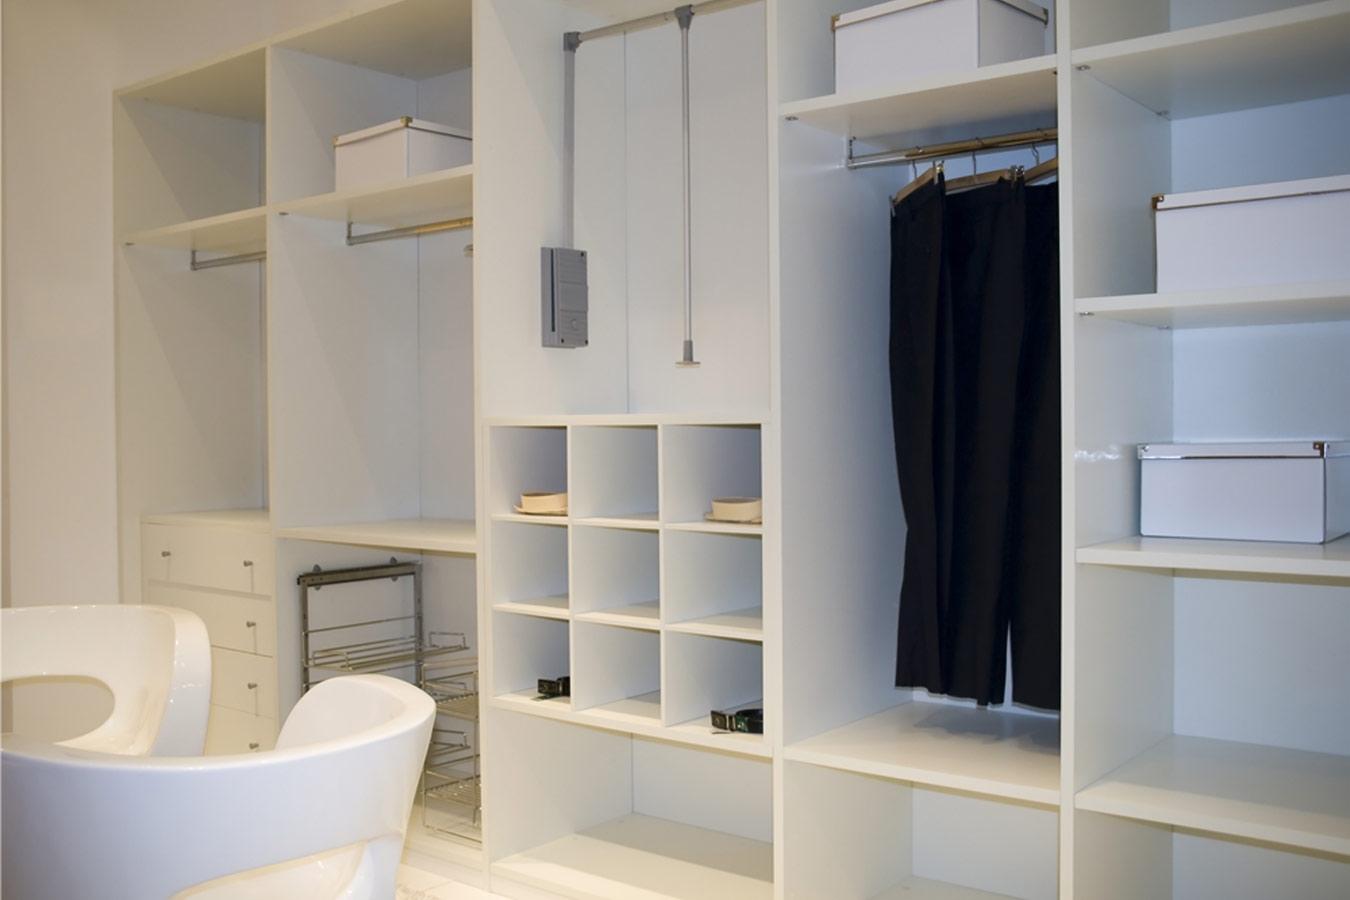 Kastenwand Met Spiegels.Inbouwkasten Op Maat Inspiratie Tips Voor De Indeling